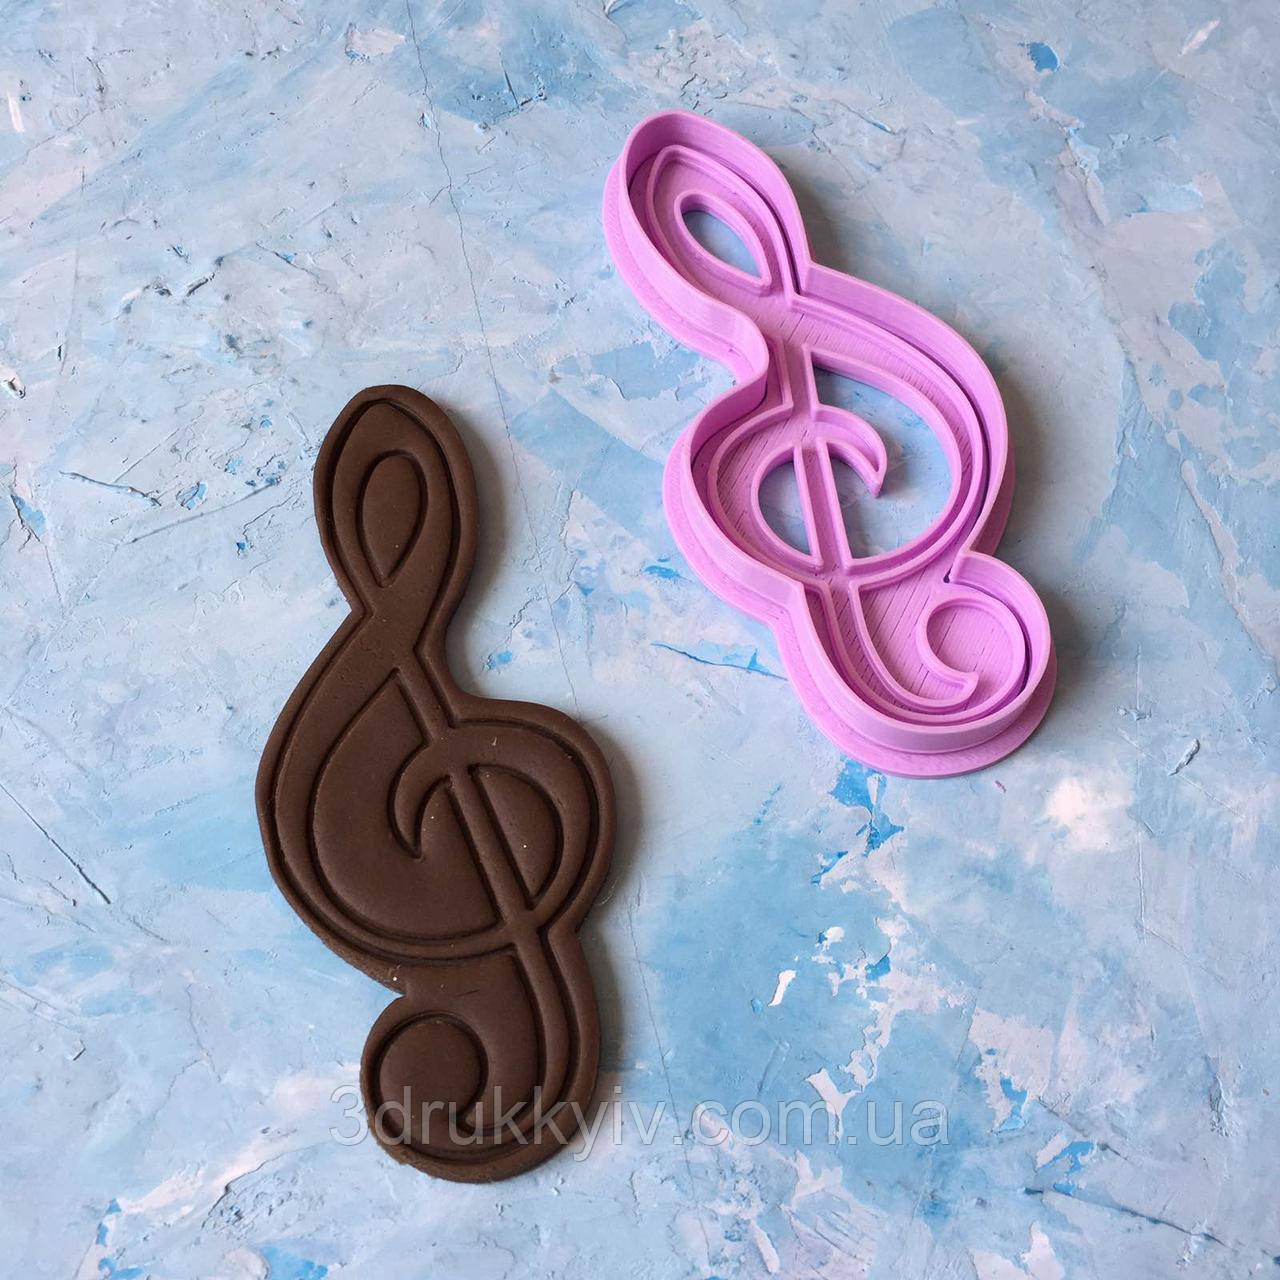 """Вирубка - формочка для пряників """"Скрипковий ключ #1"""" / Вирубка - формочка для пряників """"Скрипковий ключ #1"""""""